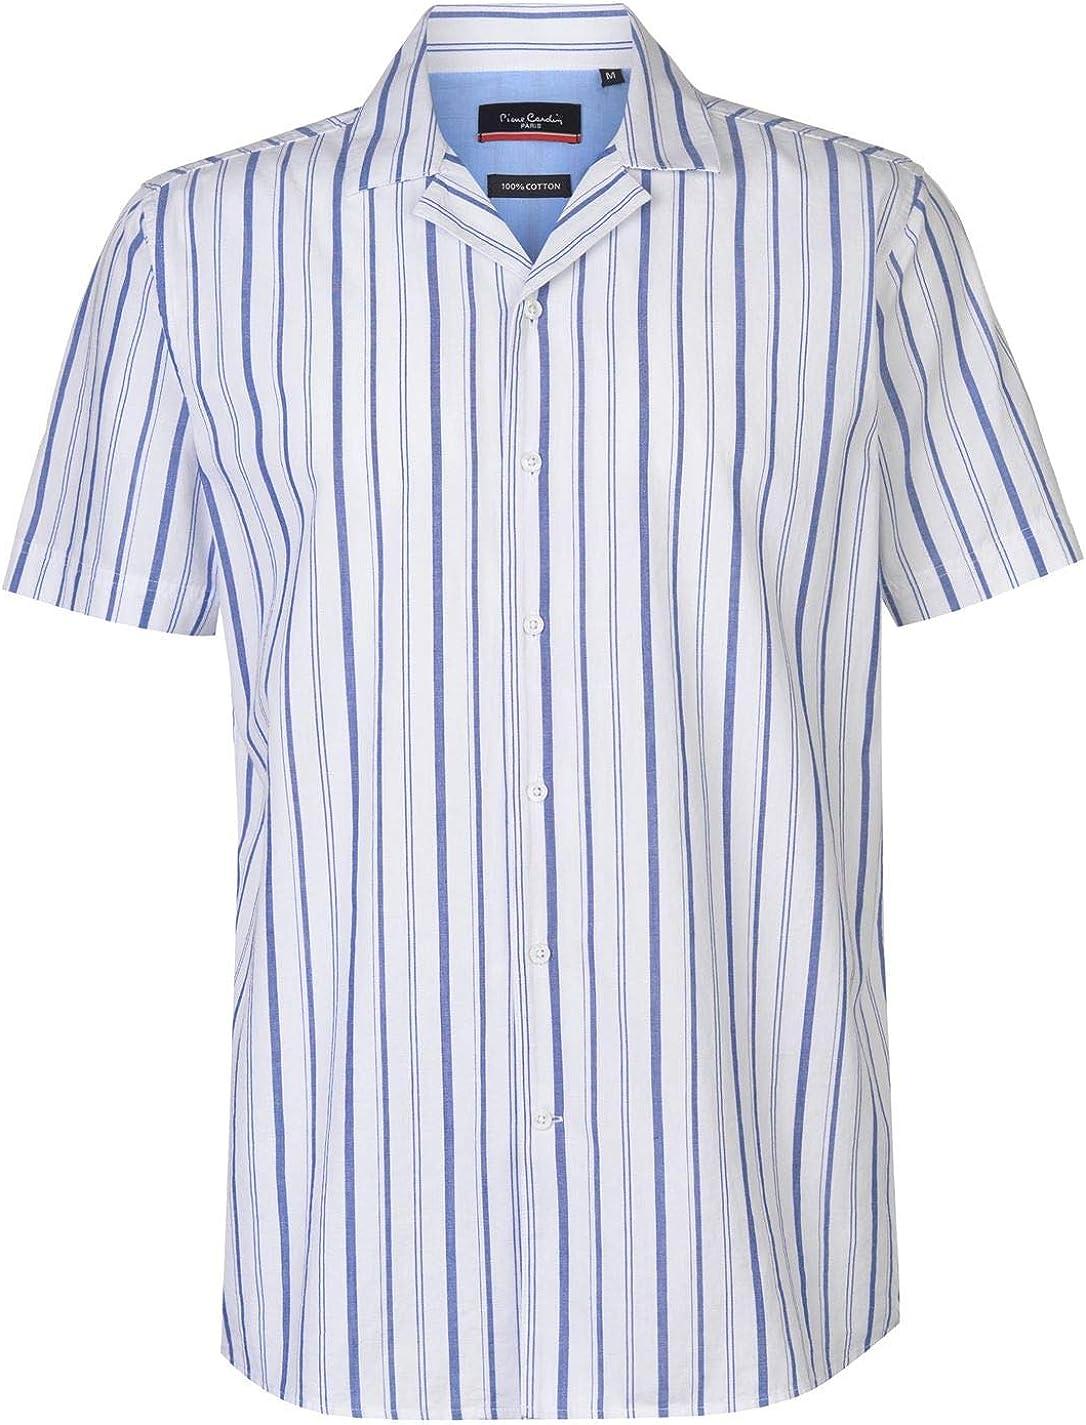 PIERRE CARDI - Camisa casual - para hombre blanco/azul M ...